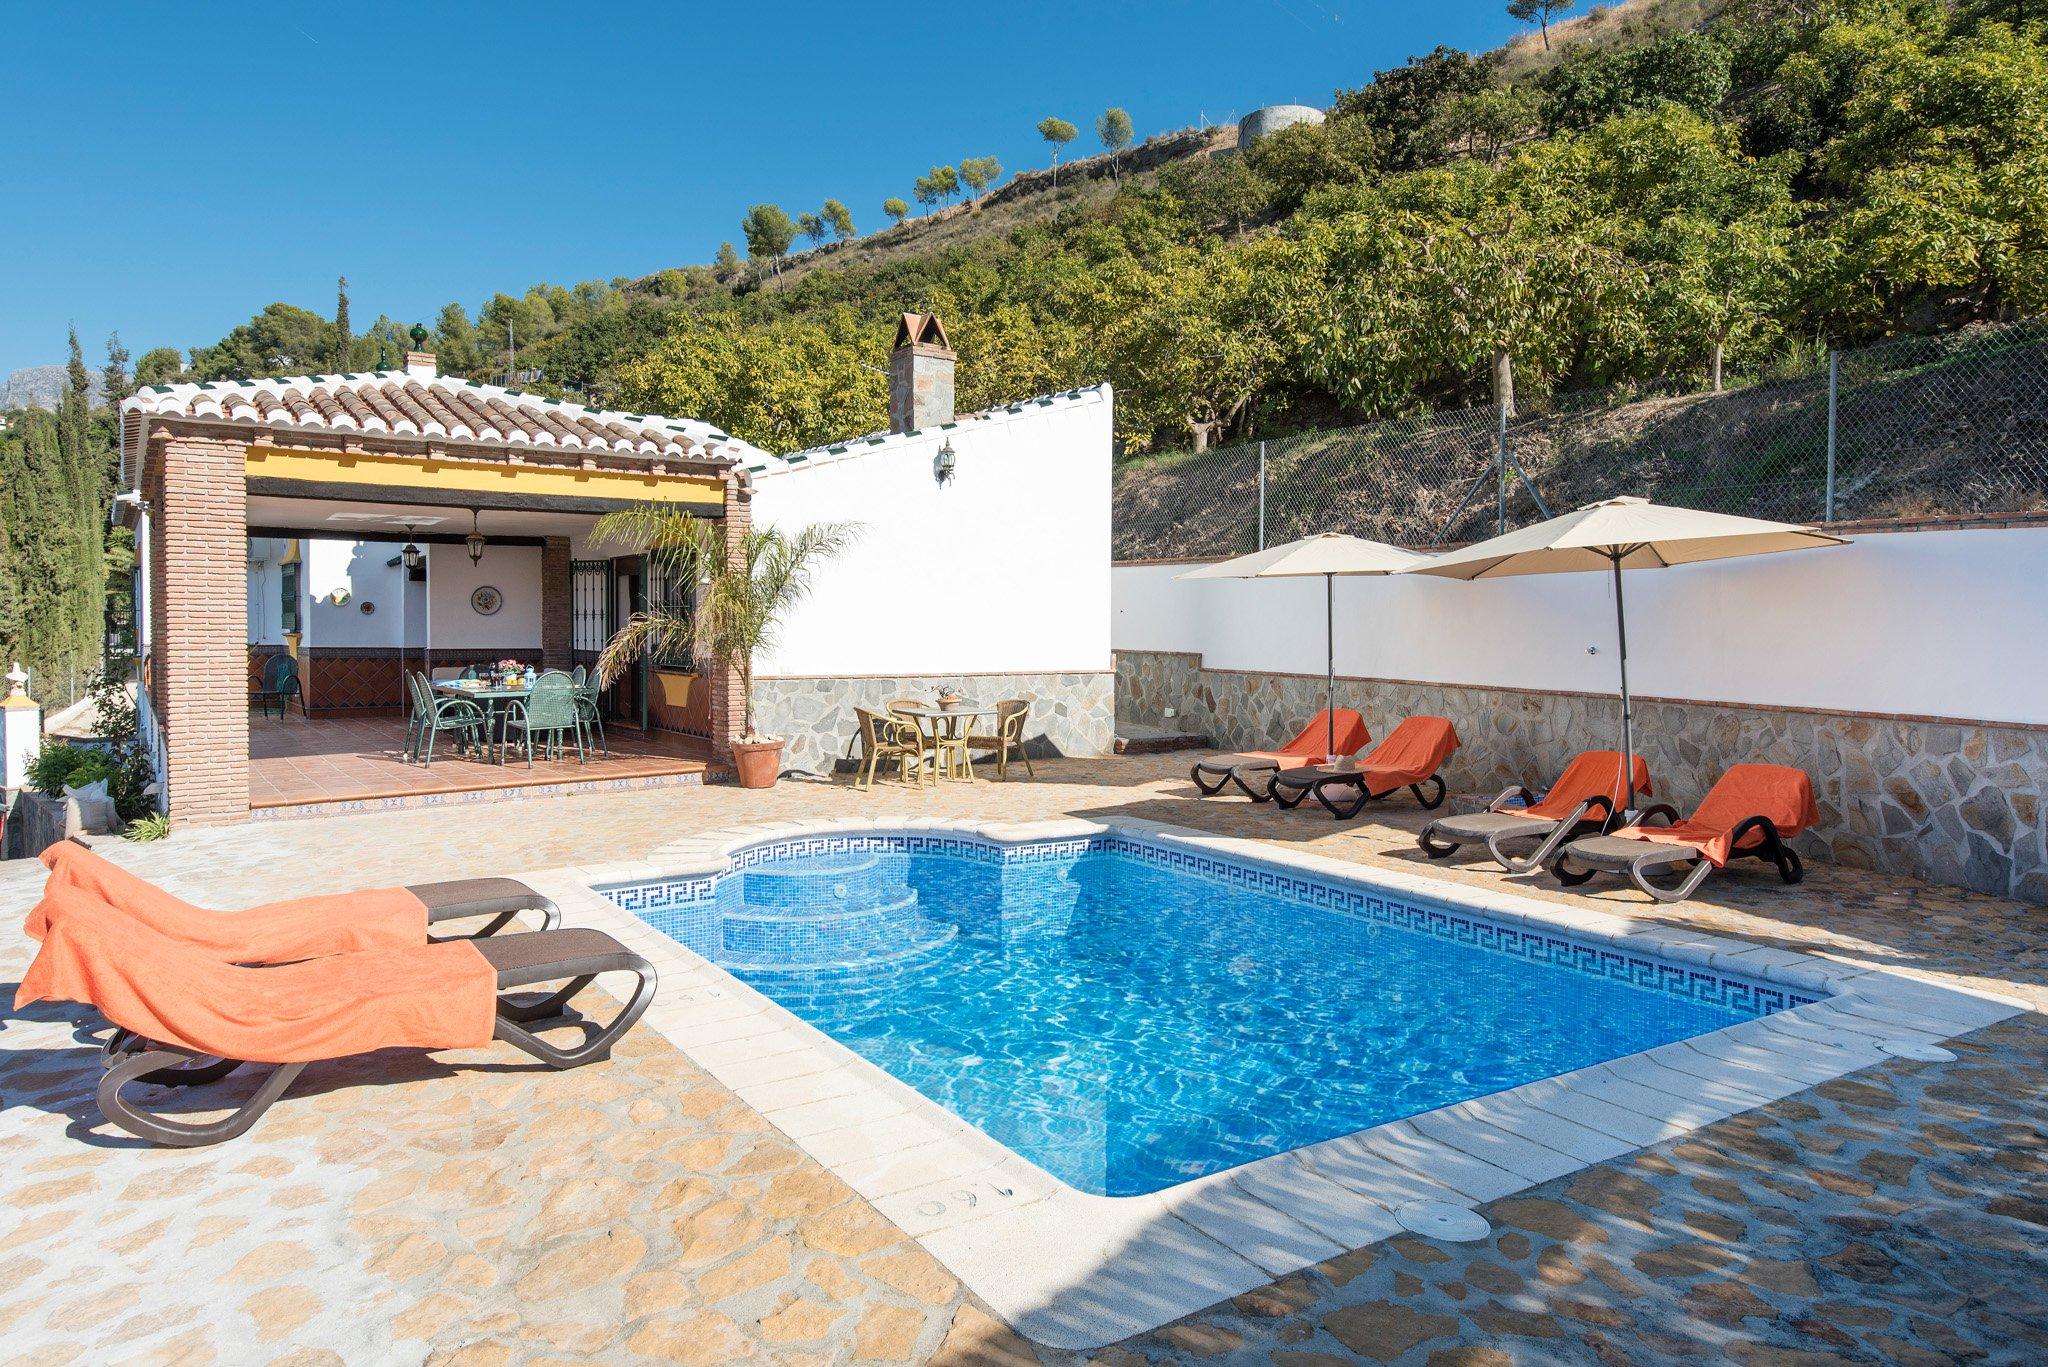 Site search agni travel - Tuco fuerteventura ...